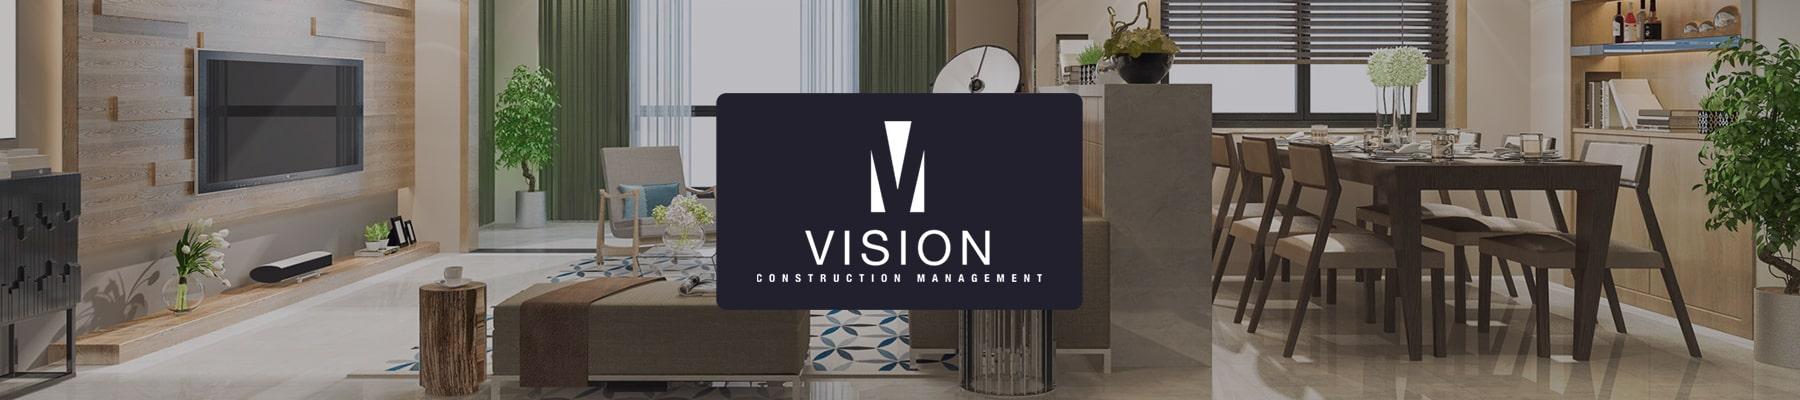 Vision Construction Management